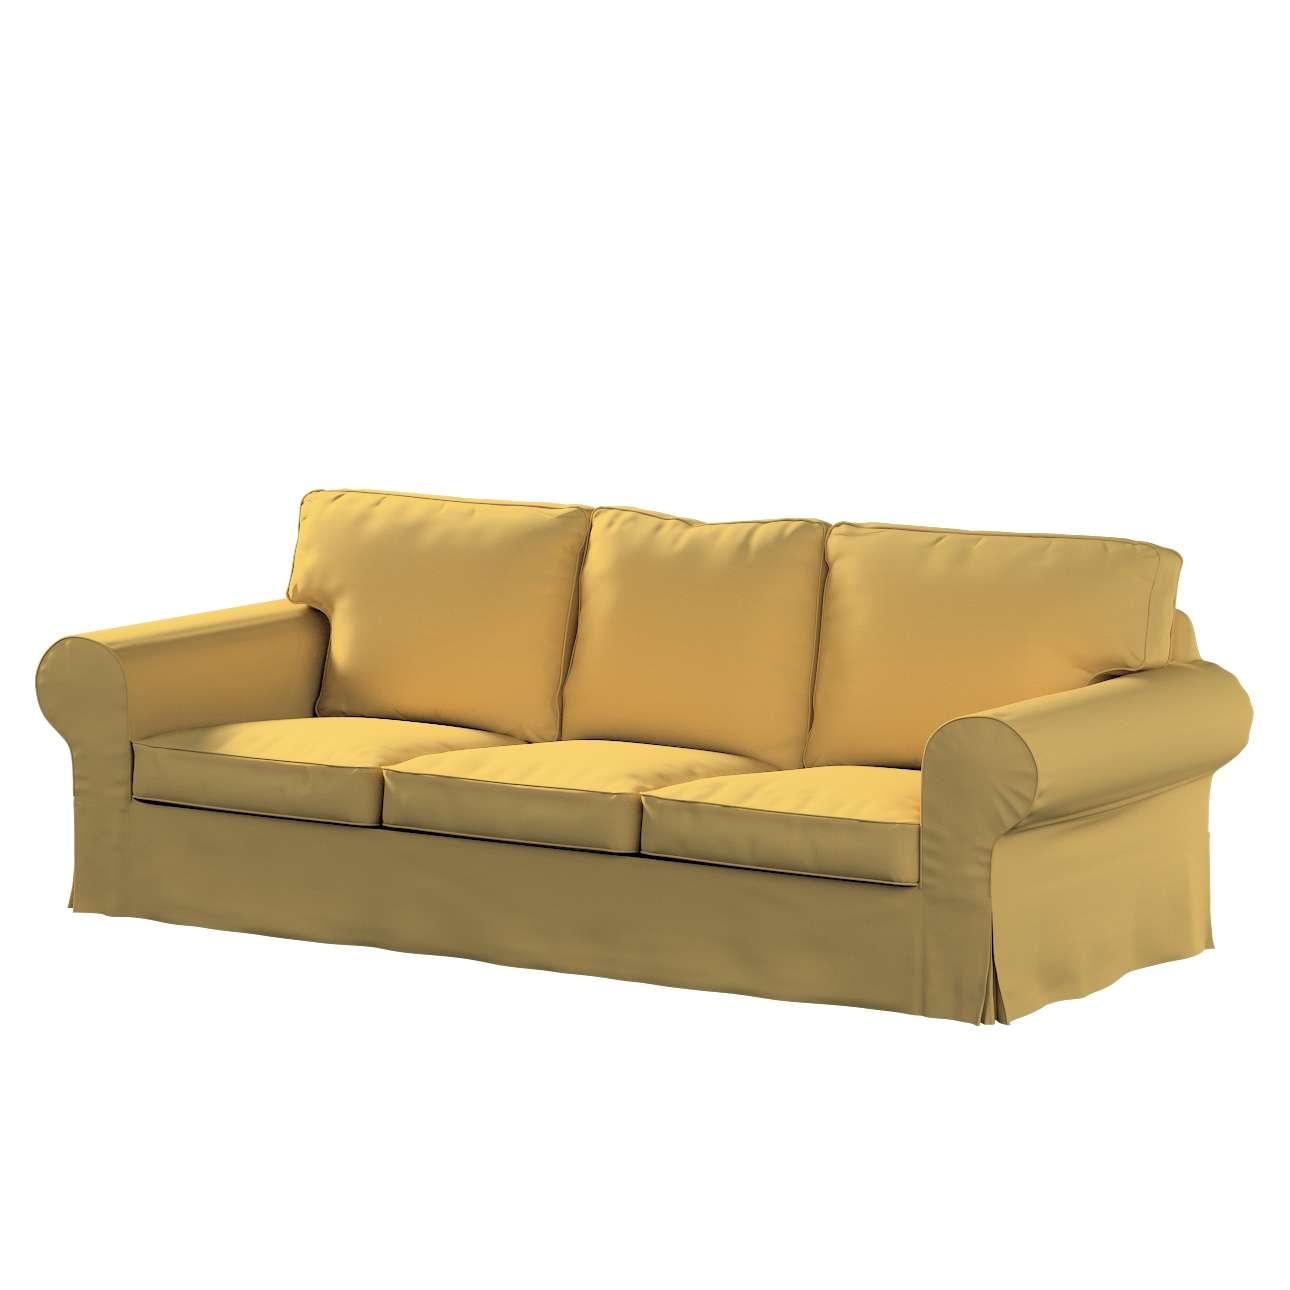 Bezug für Ektorp 3-Sitzer Schlafsofa, neues Modell (2013) von der Kollektion Cotton Panama, Stoff: 702-41